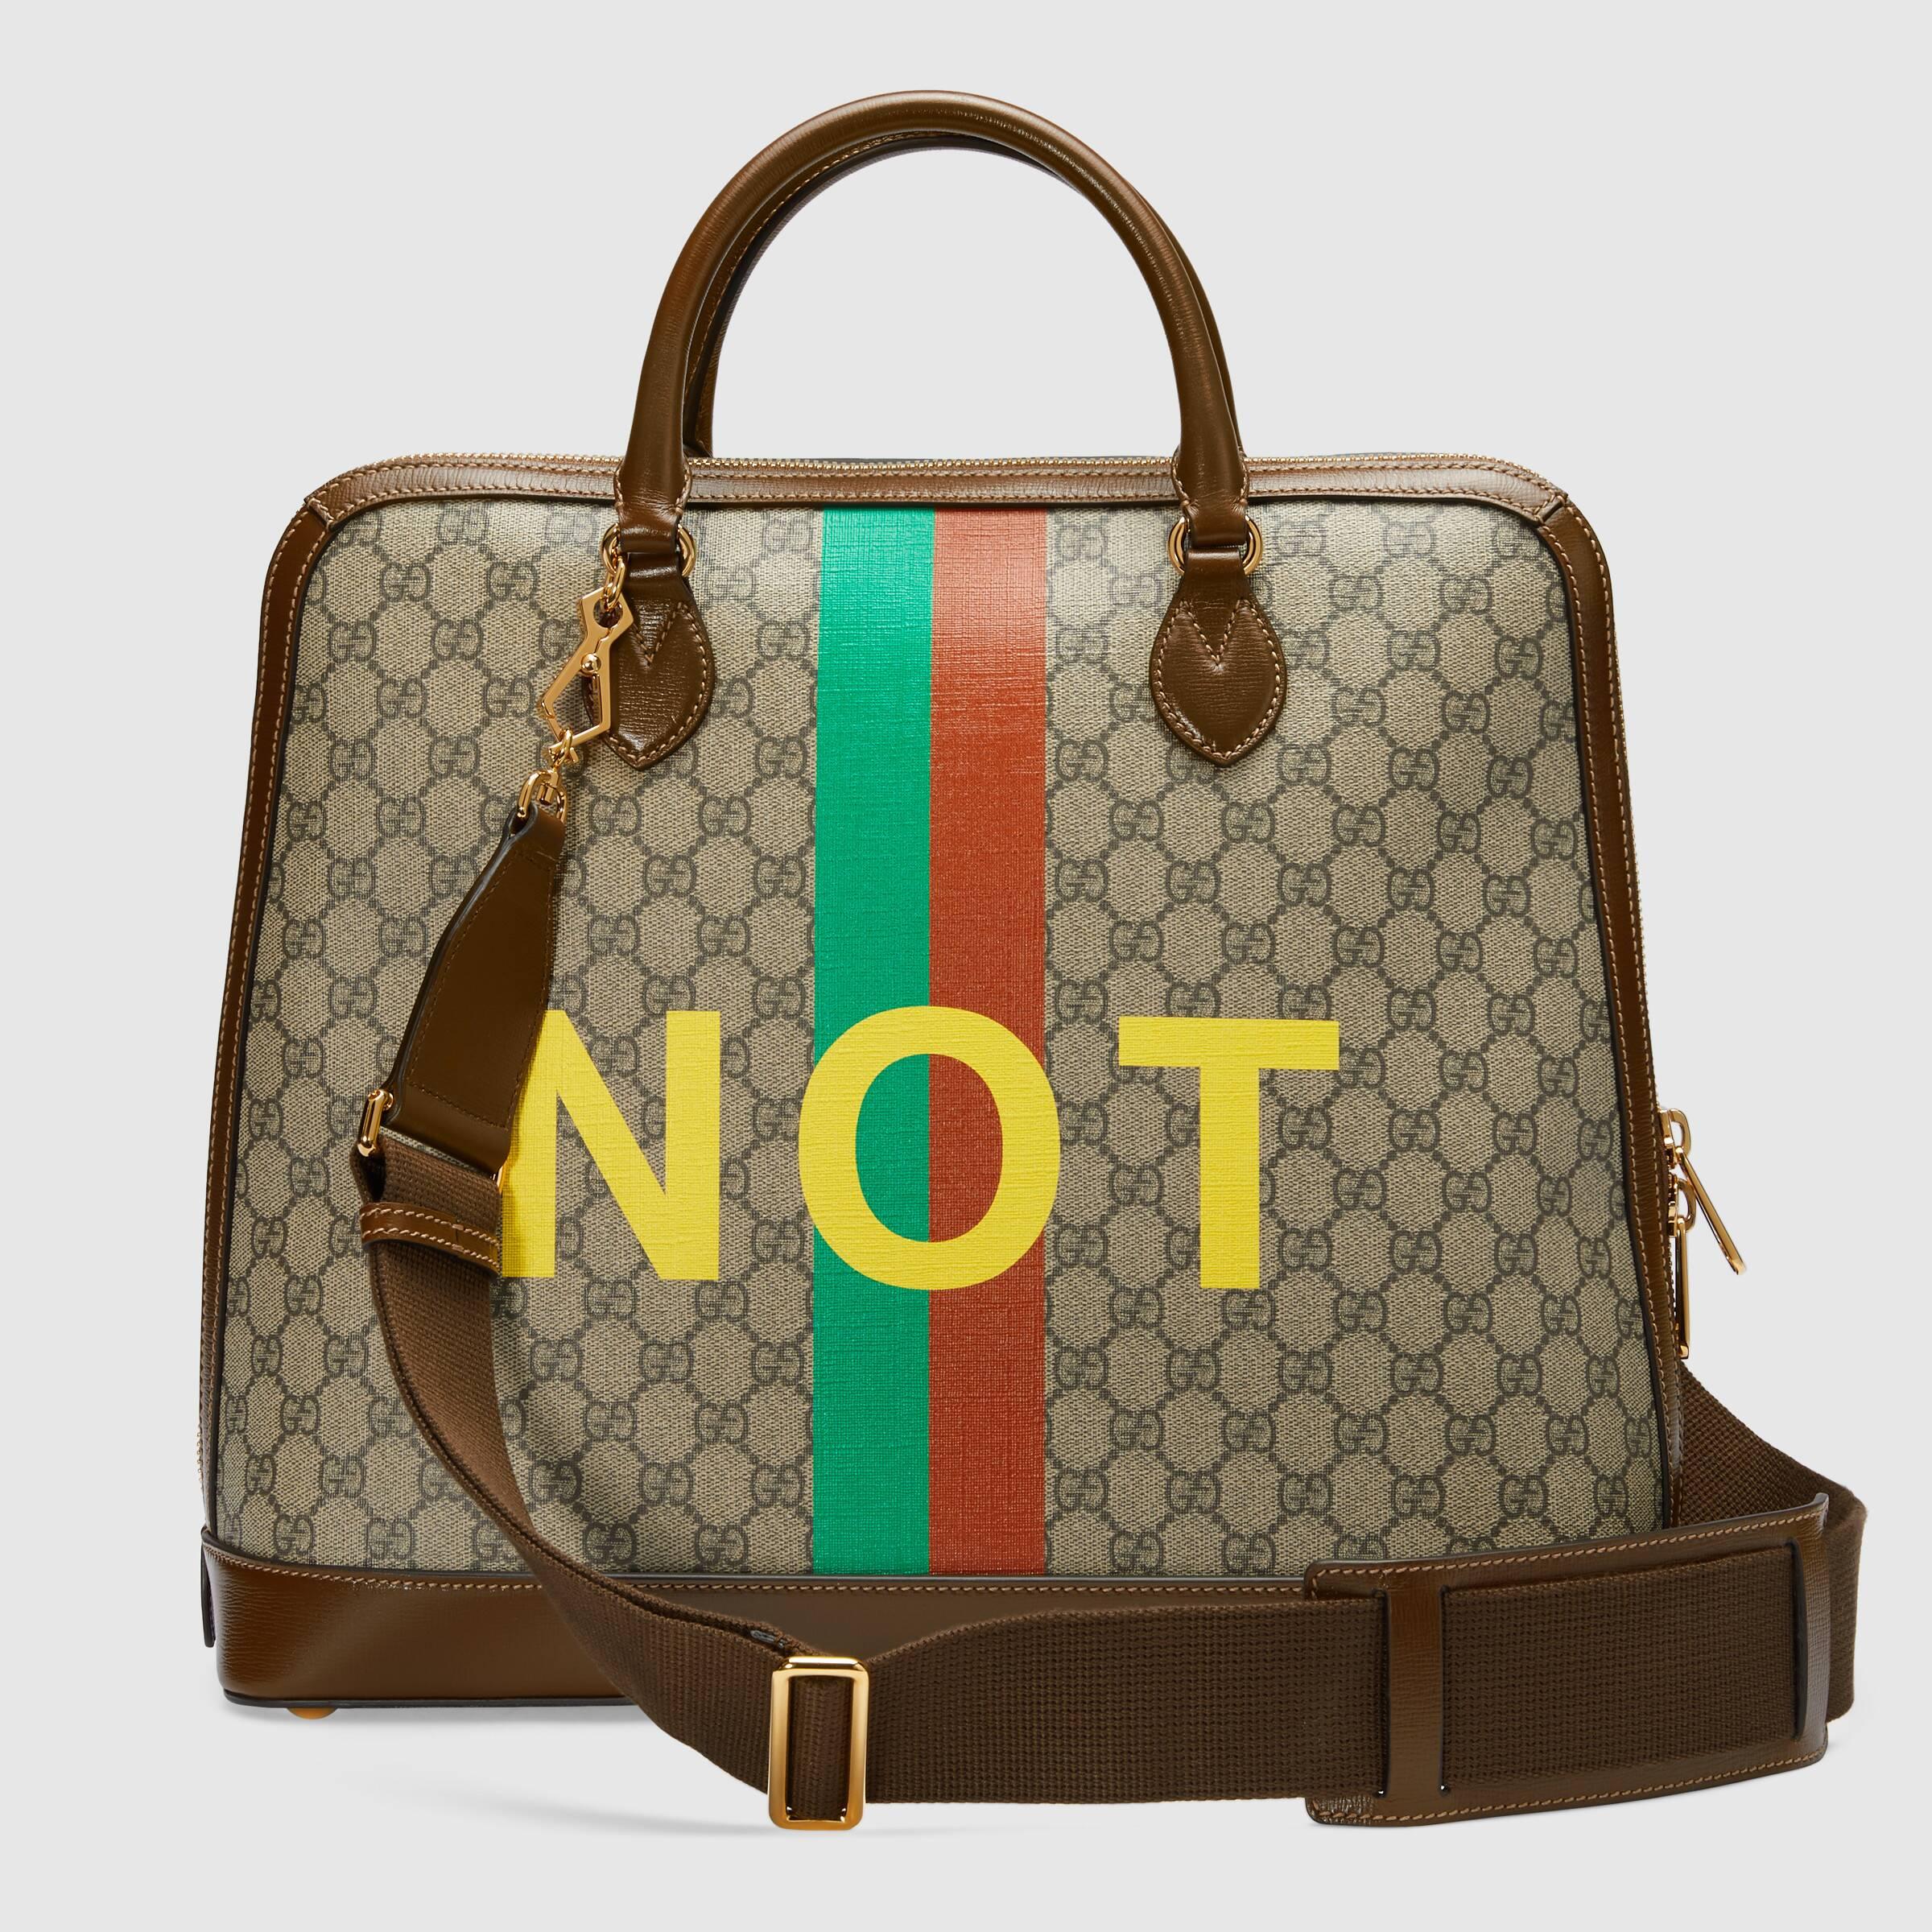 유럽직배송 구찌 GUCCI Gucci - Gucci Horsebit 1955 'Fake/Not' small duffle bag 6216402GCBG8287